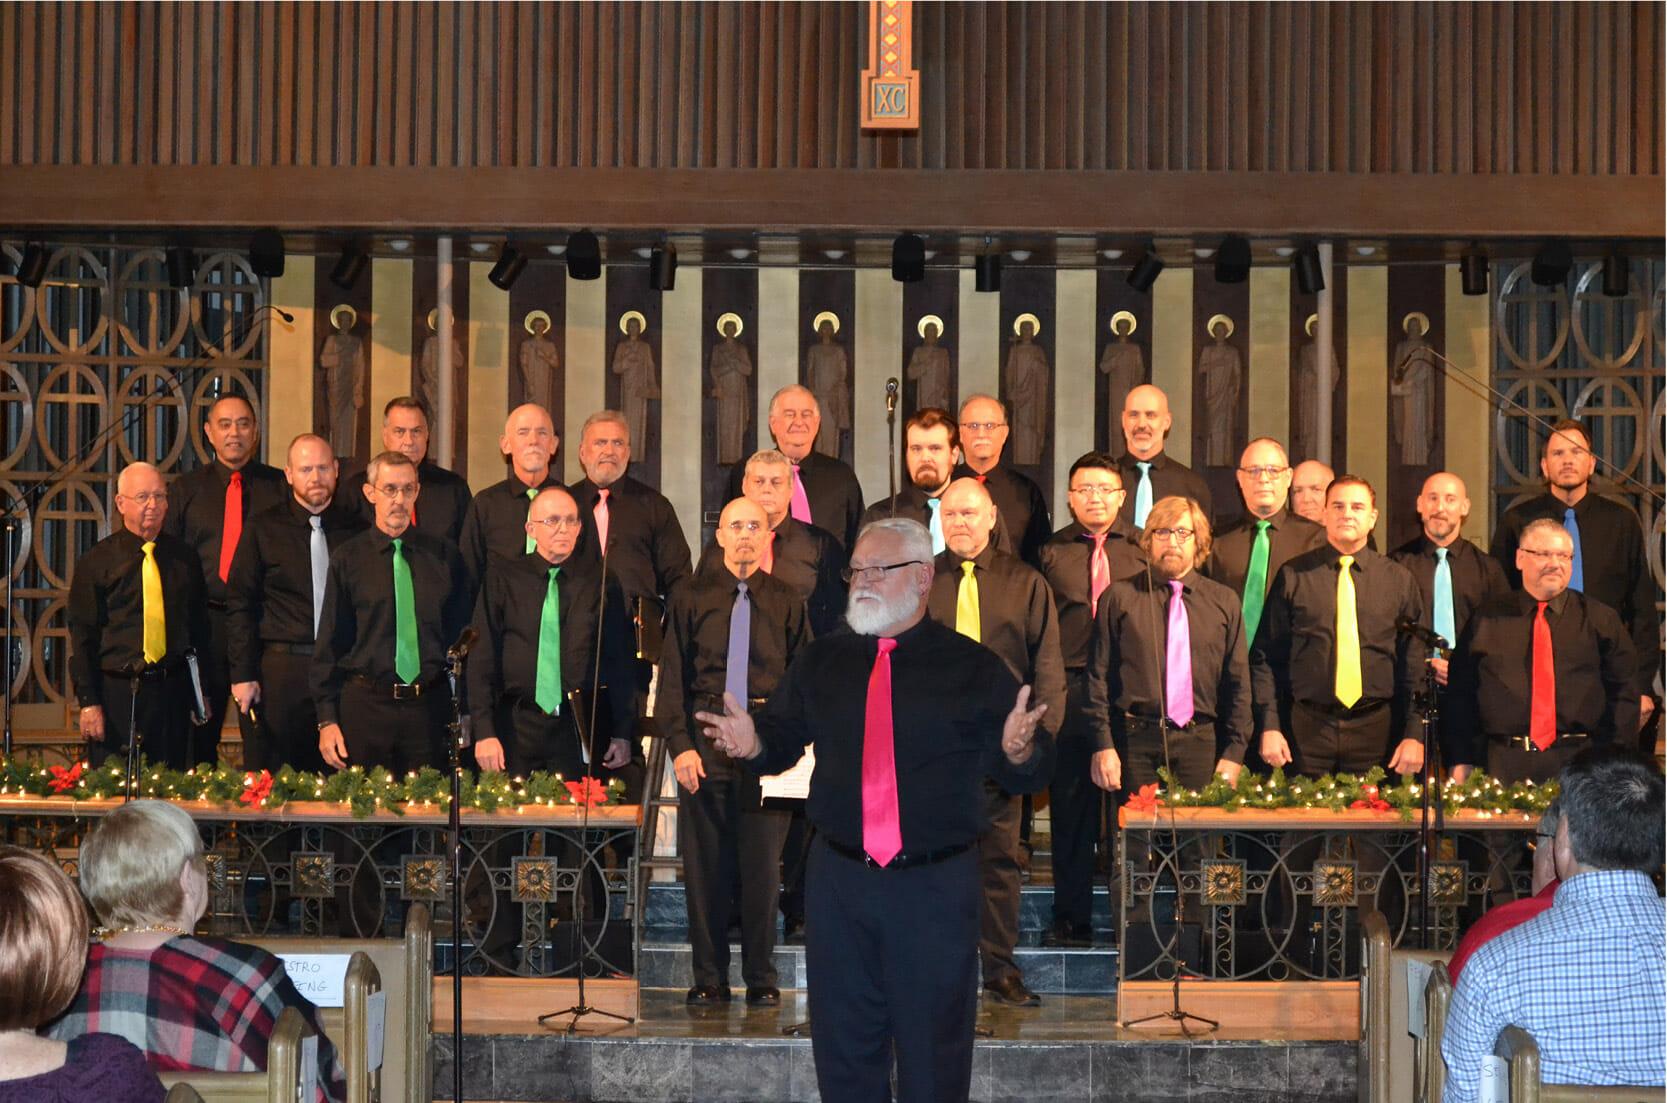 Fort Lauderdale Gay Men's Chorus